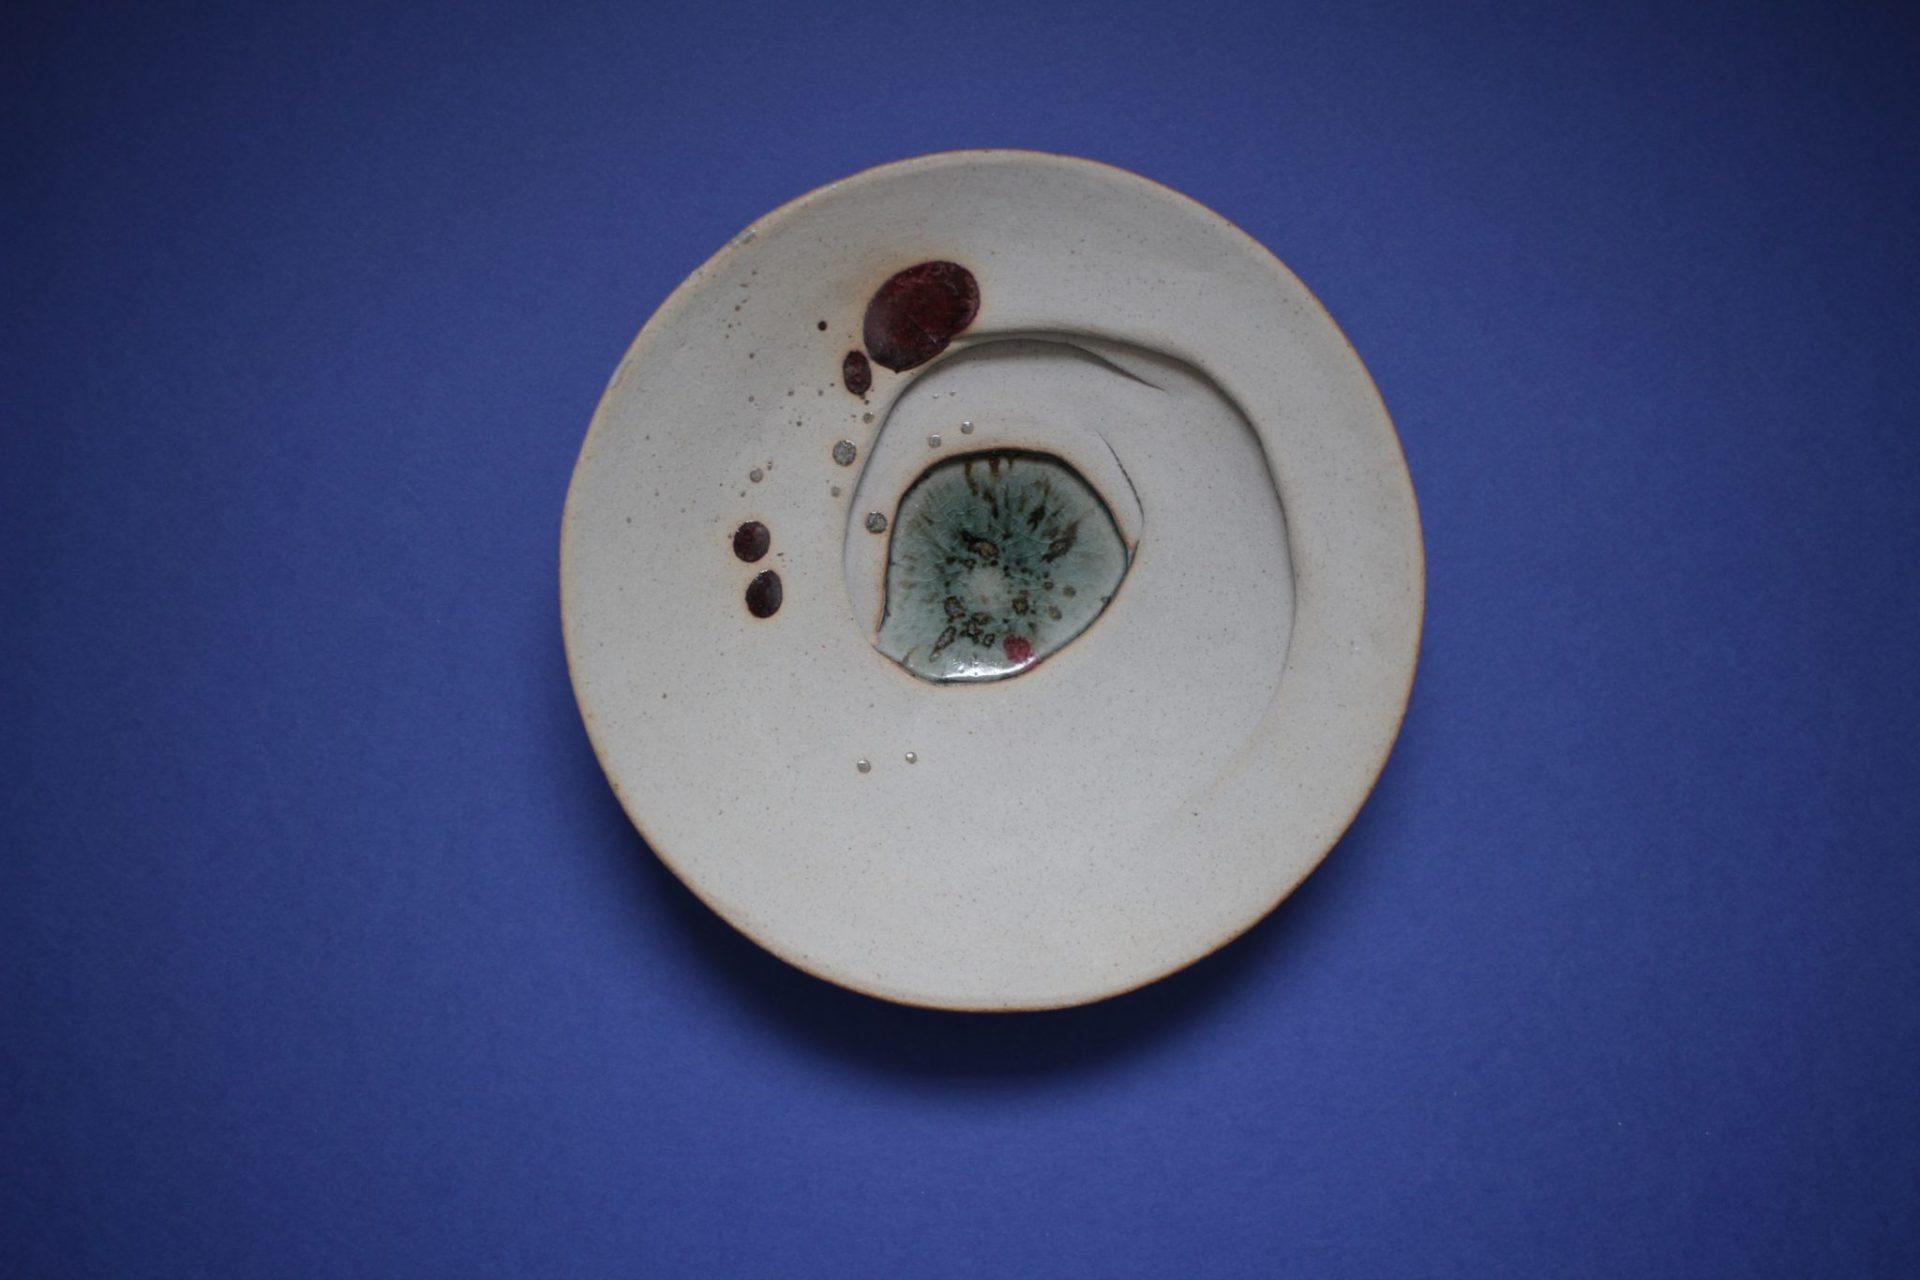 ©manon alberger 2011, céramique, grès blanc, rouge de cuivre, couverte